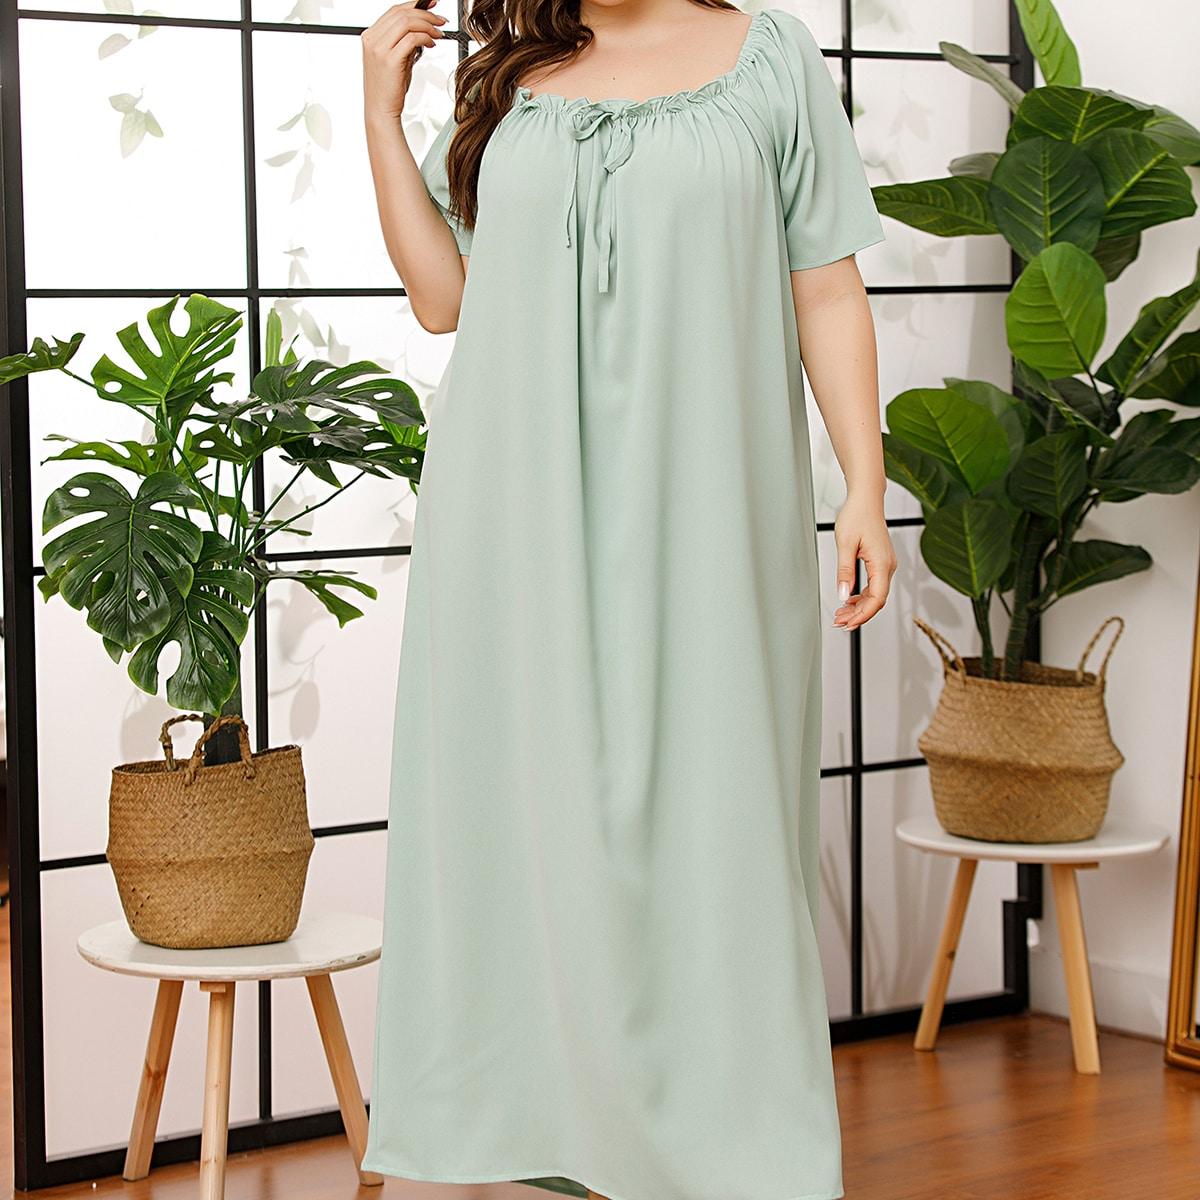 Мятно-зеленый с бантом Одноцветный милый Ночная рубашка размер плюс фото